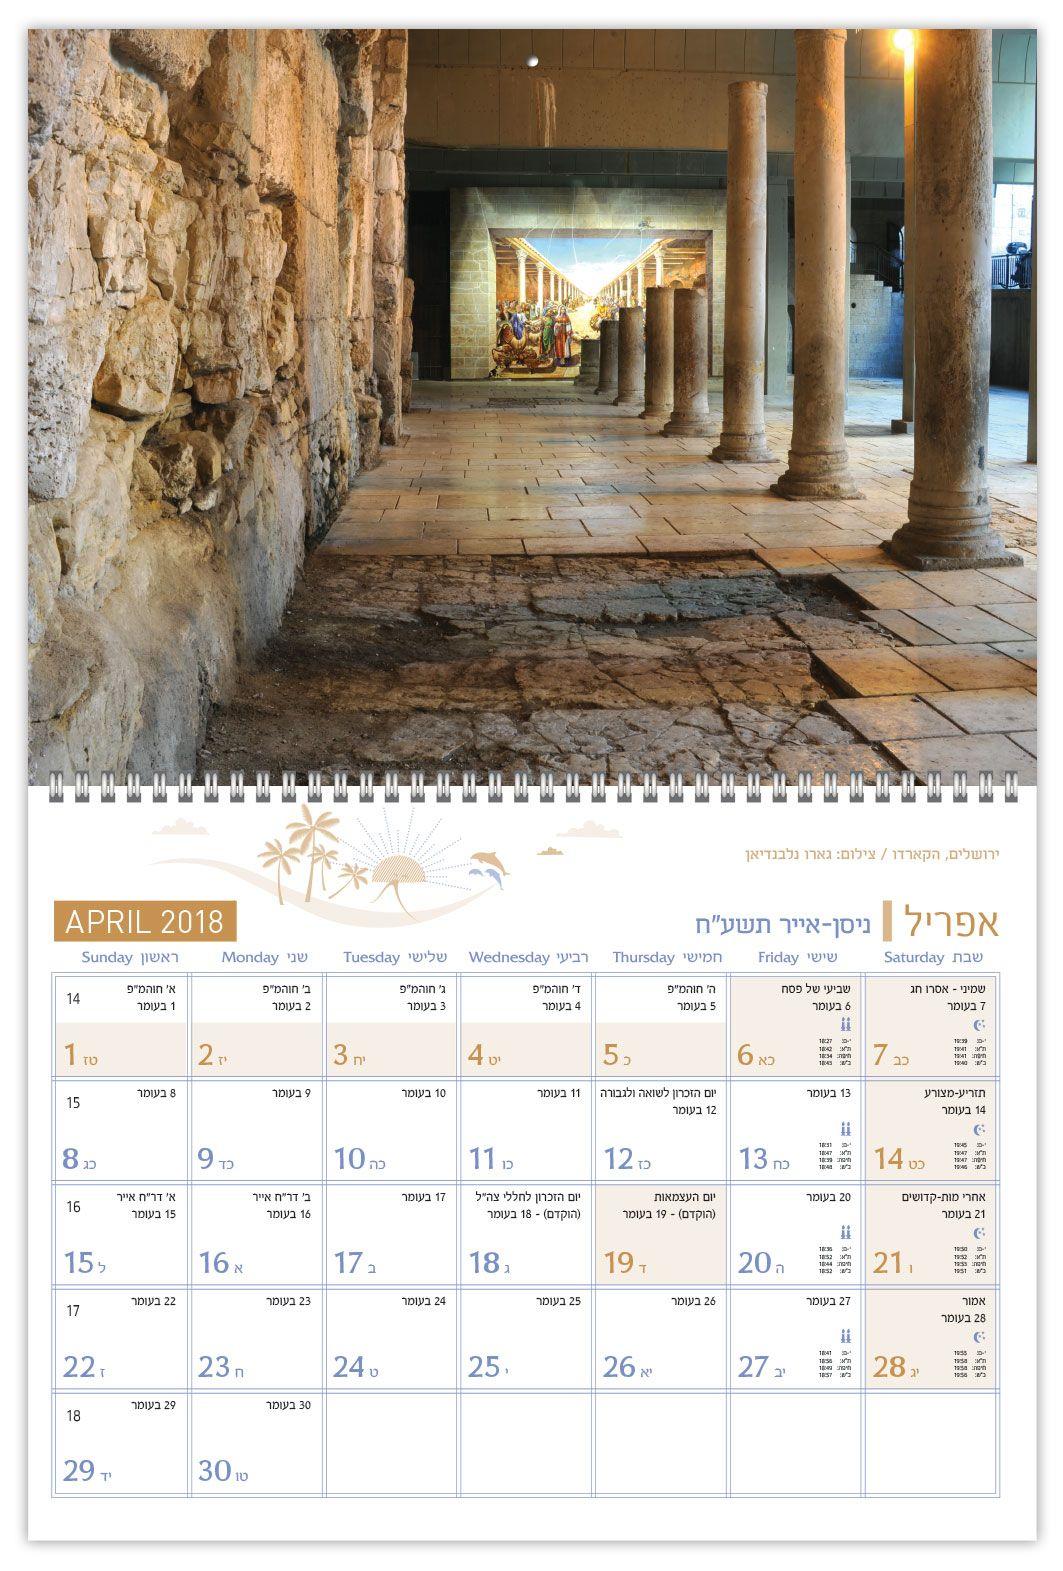 לוח קיר נופי ישראל